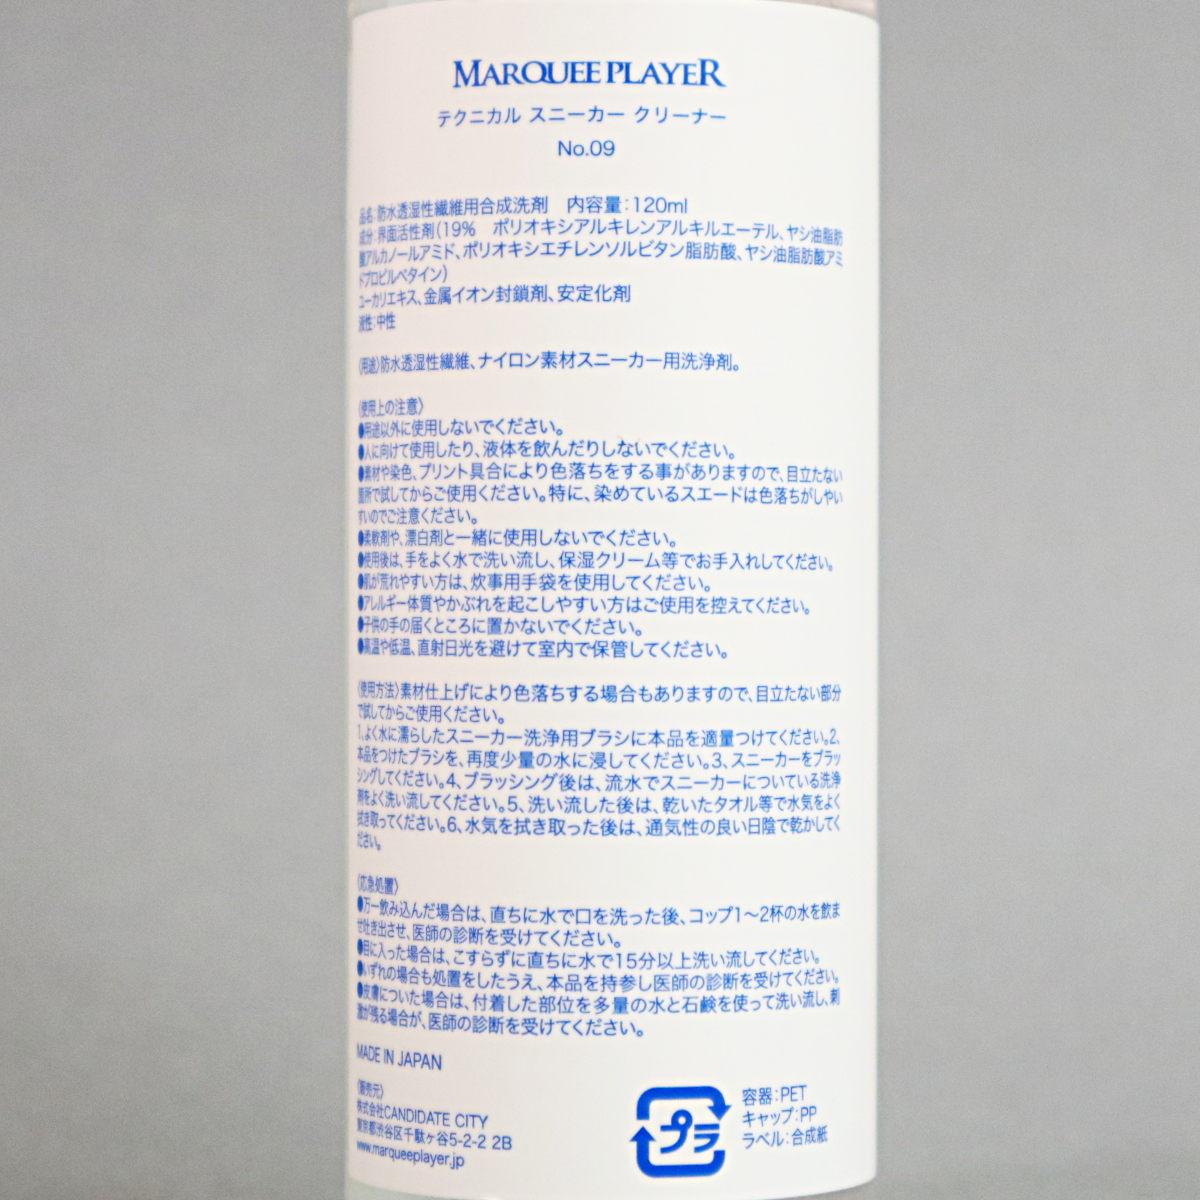 スニーカー用クリーナー �09(テクニカル素材用洗浄剤)/MARQUEE PLAYER(スニーカー洗浄剤)